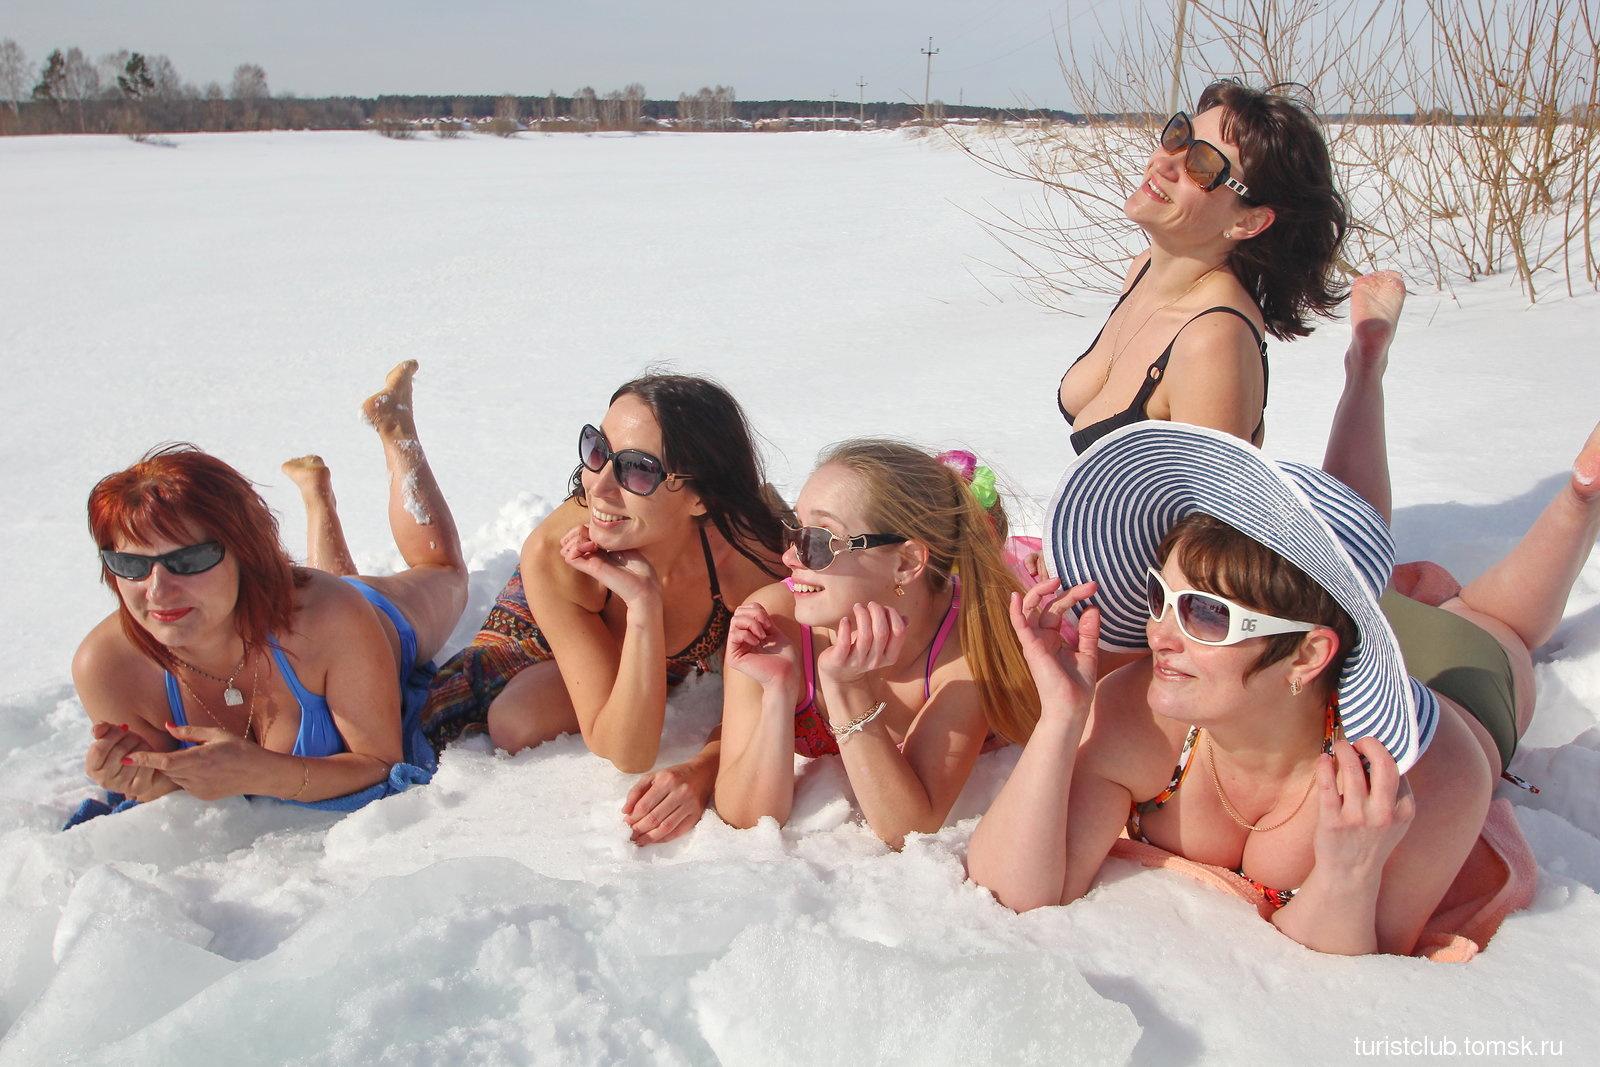 Фото купающихся девочек 24 фотография